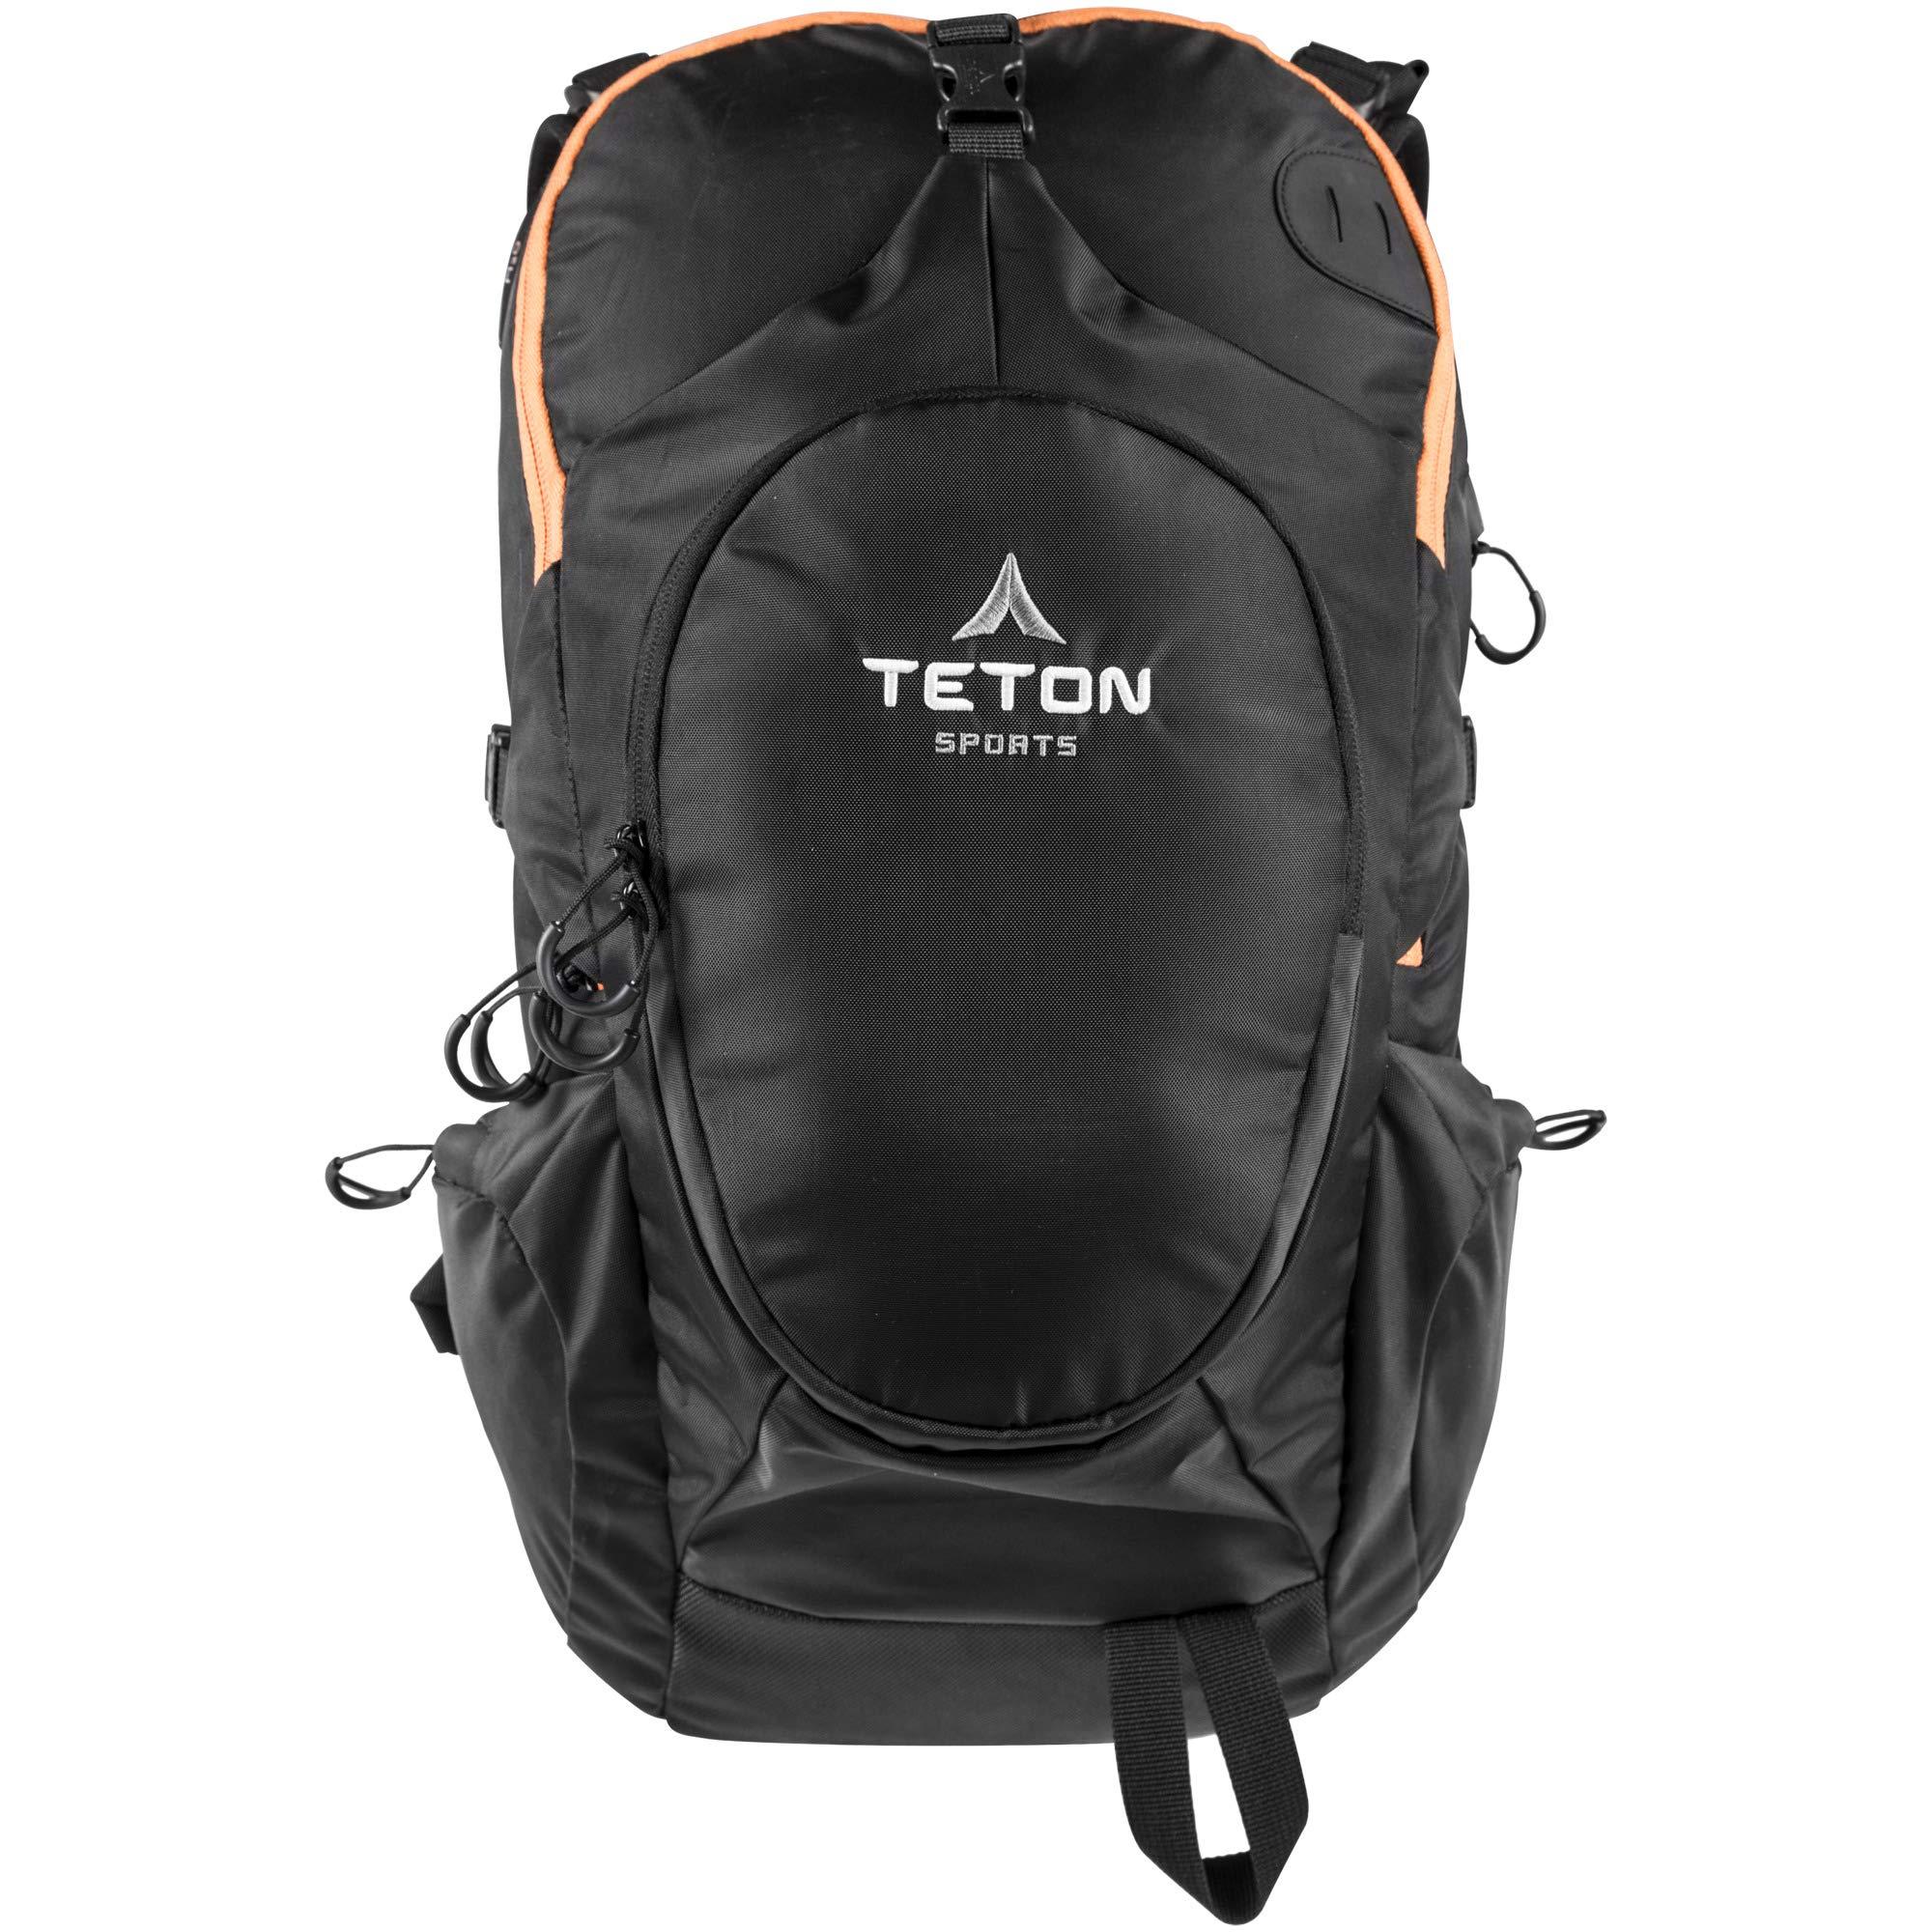 ティトンスポーツ・ロック1800のバックパック。光日間のバックパック、キャンプ、狩猟、旅行やアウトドアスポーツのためのハイキングバックパック、縫製レインカバー、これらの計画にトリップ外を準備